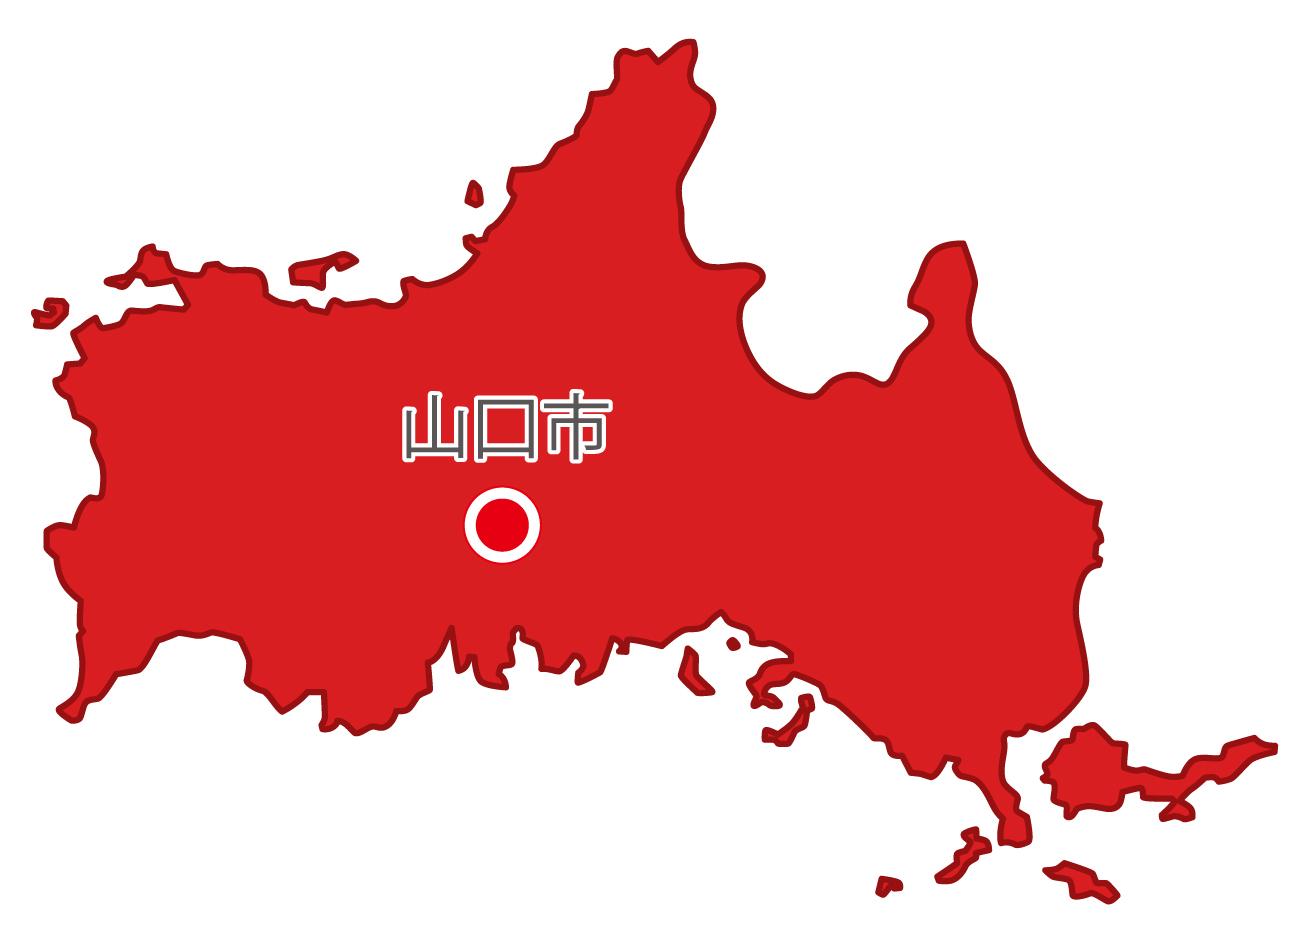 山口県無料フリーイラスト|日本語・県庁所在地あり(赤)